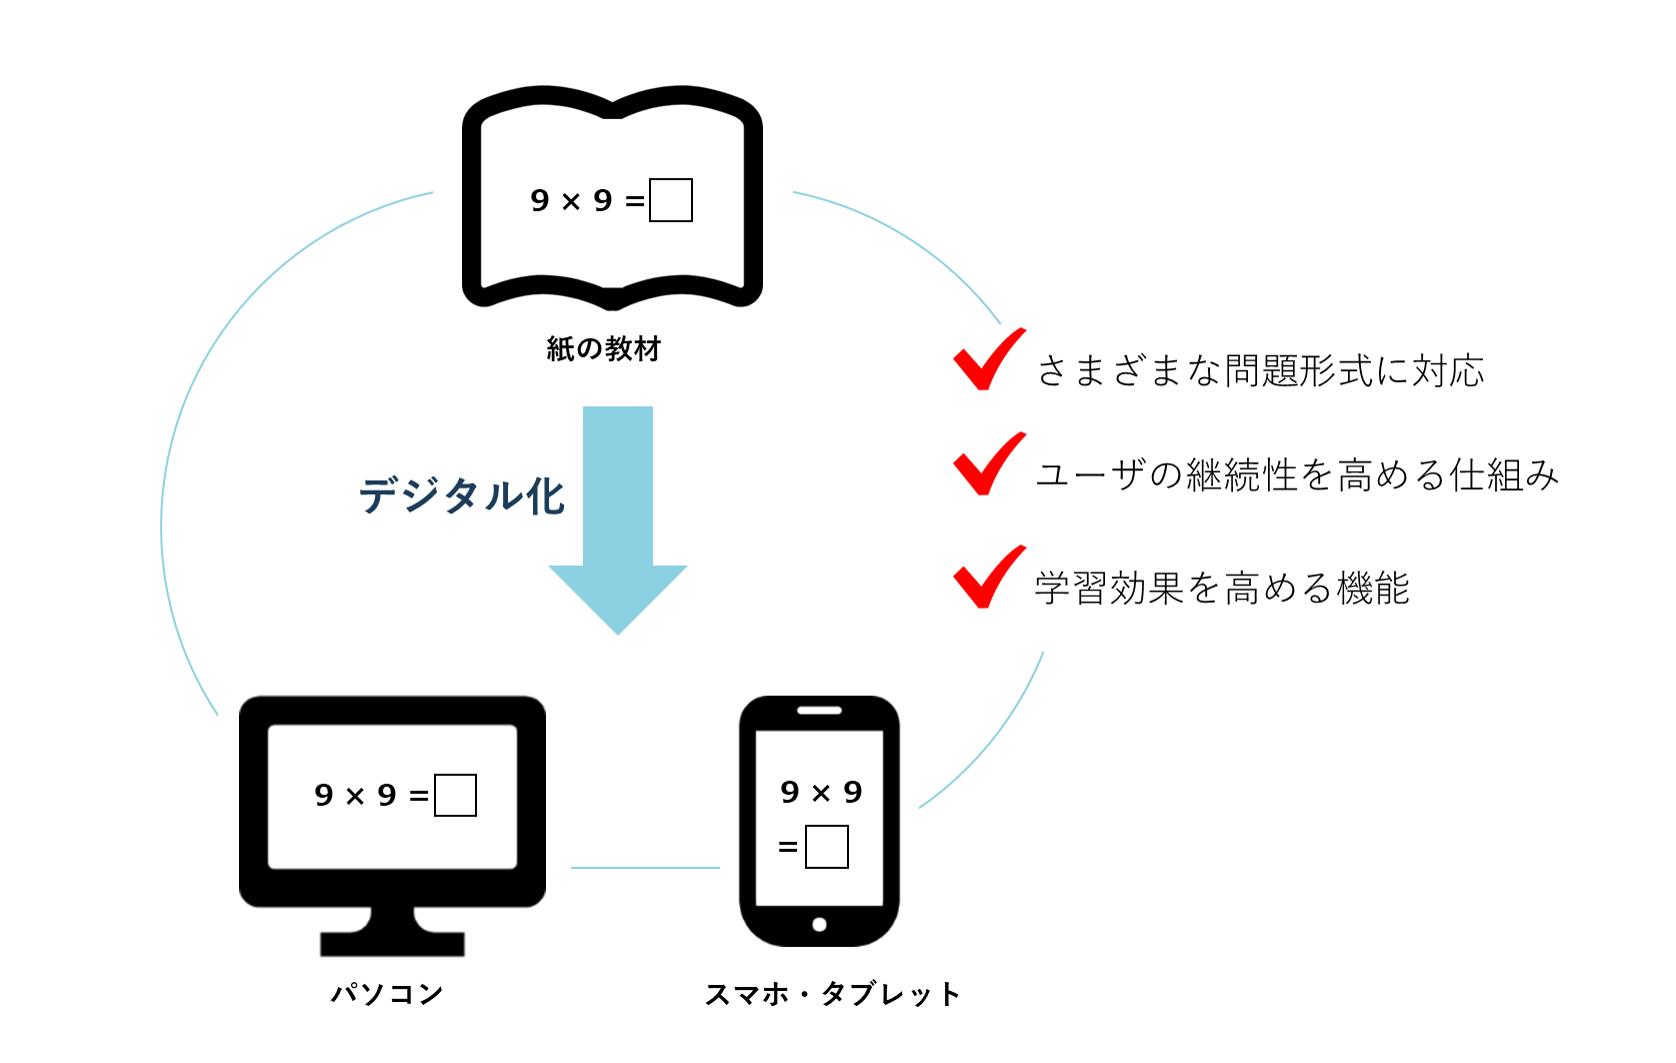 デジタルドリル作成の特徴